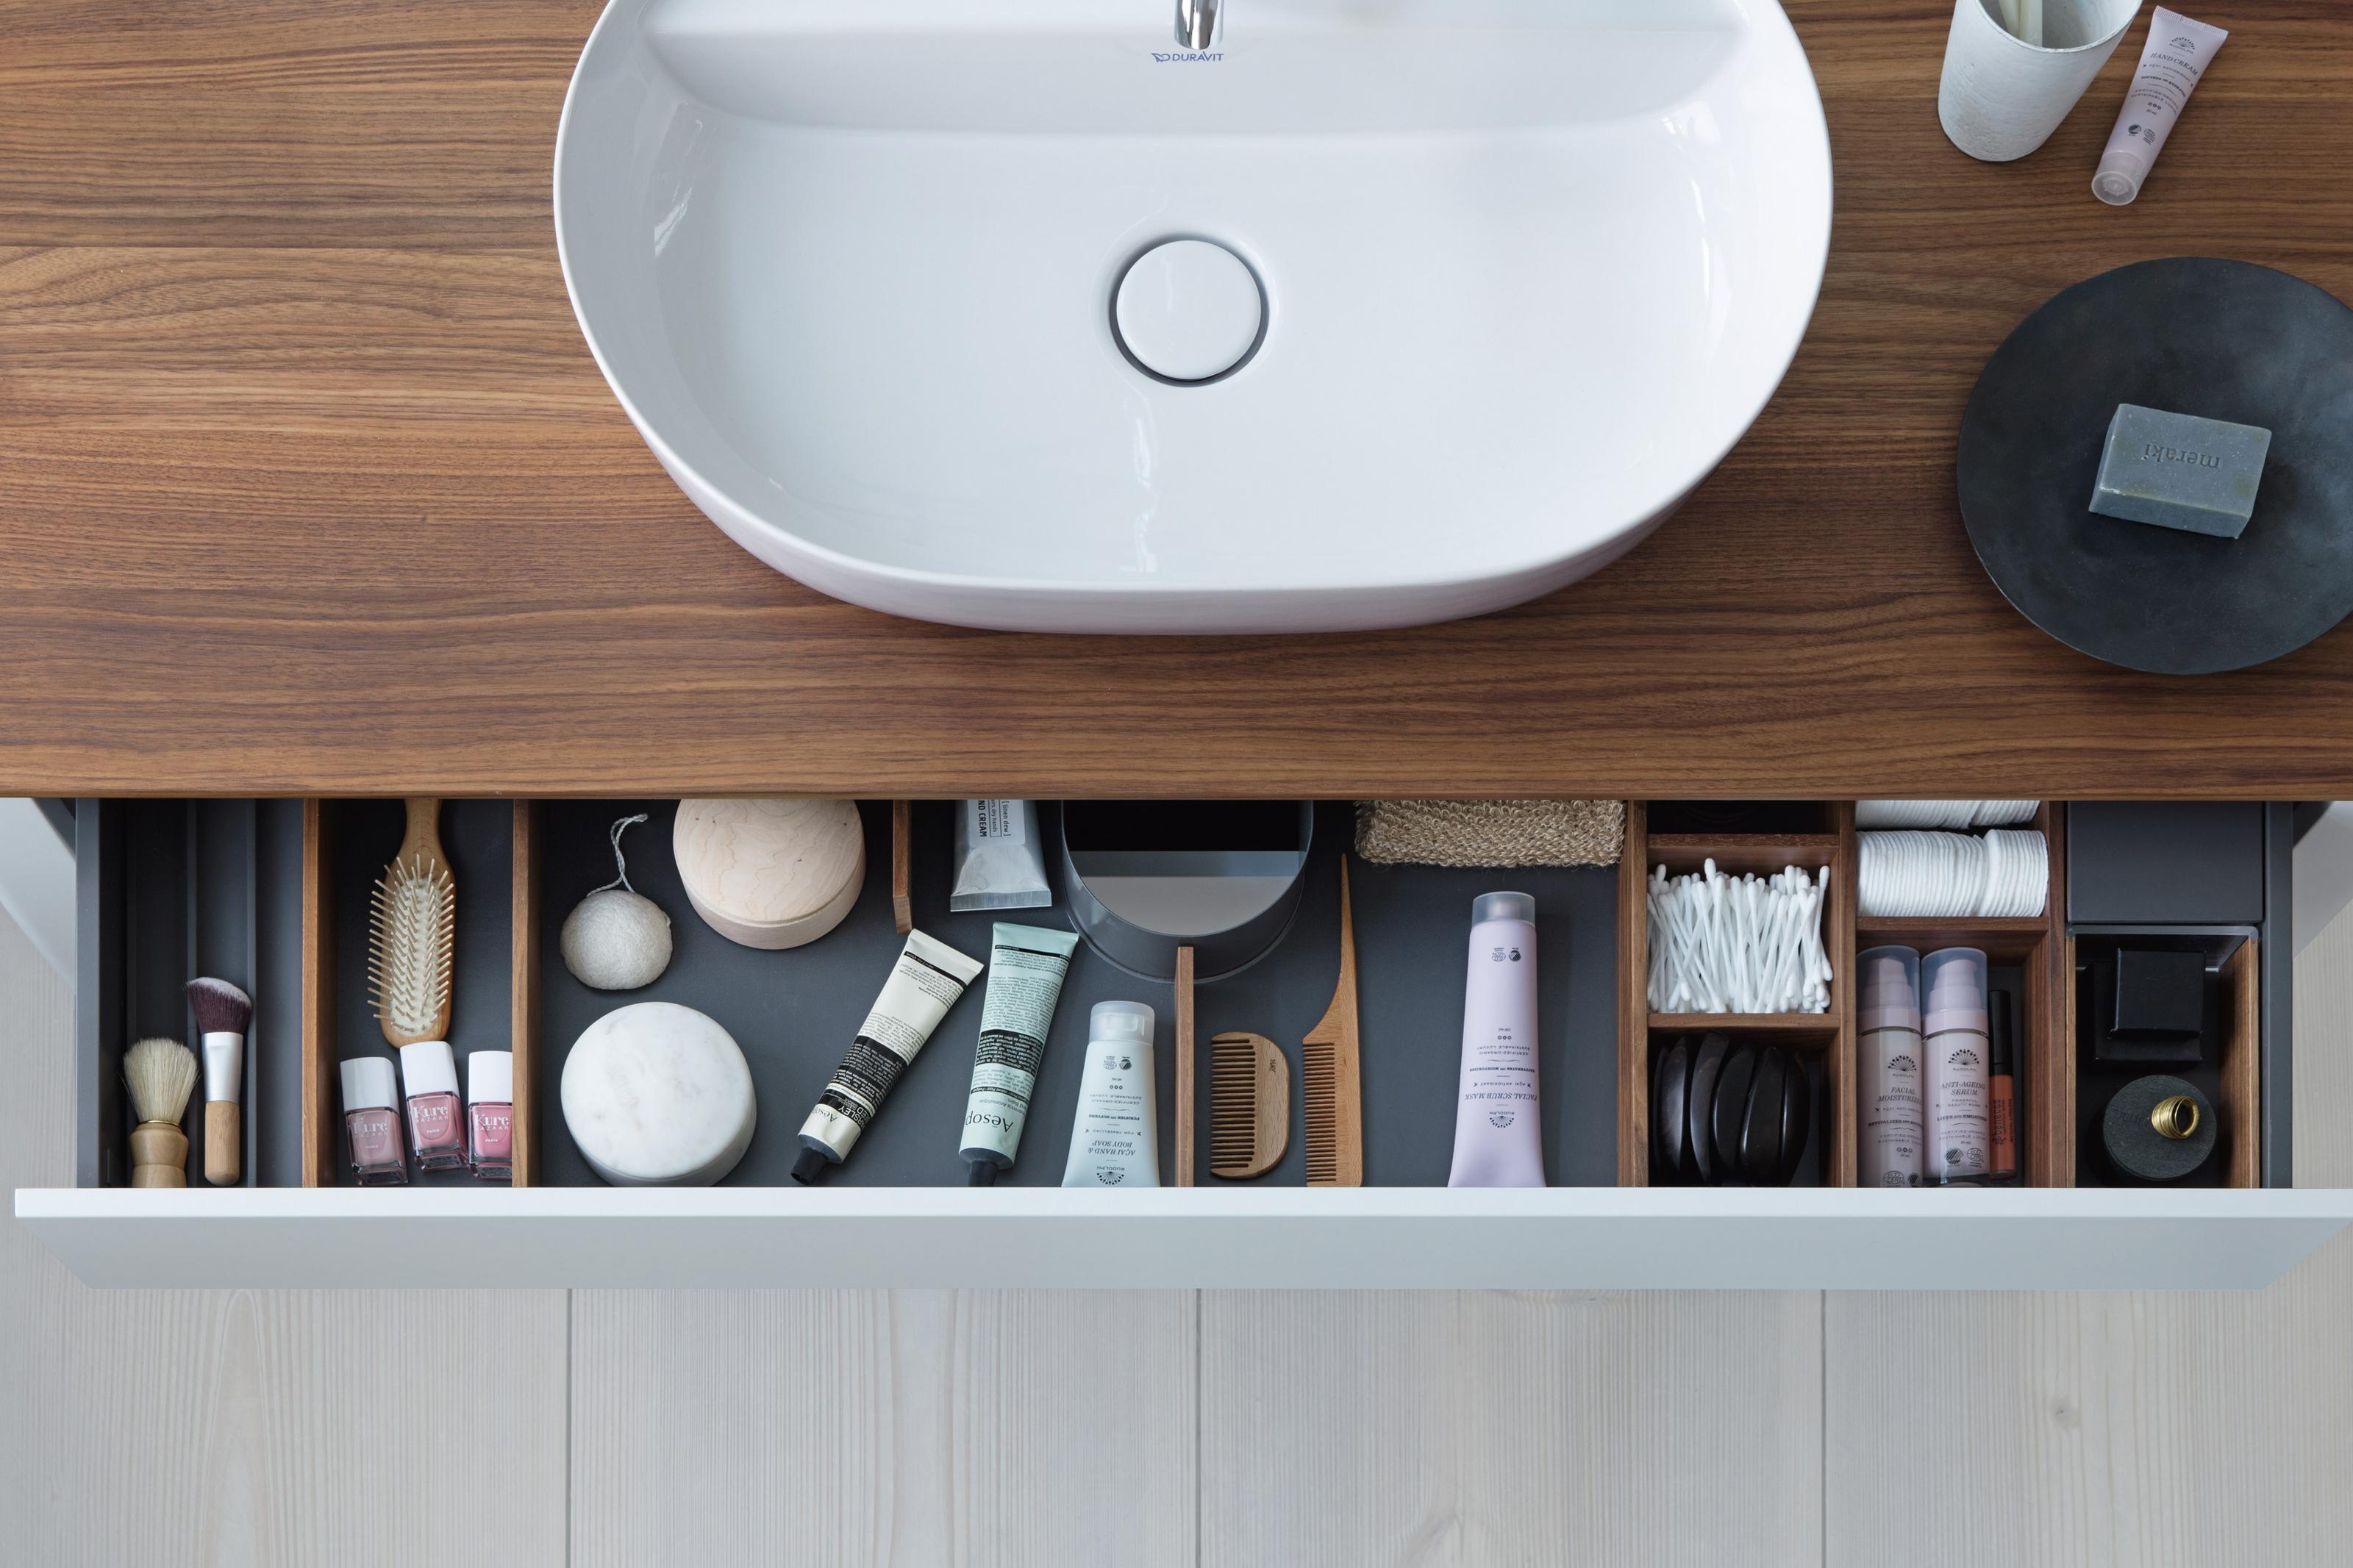 8 Bathroom Organization Ideas Done Prettily Houselogic